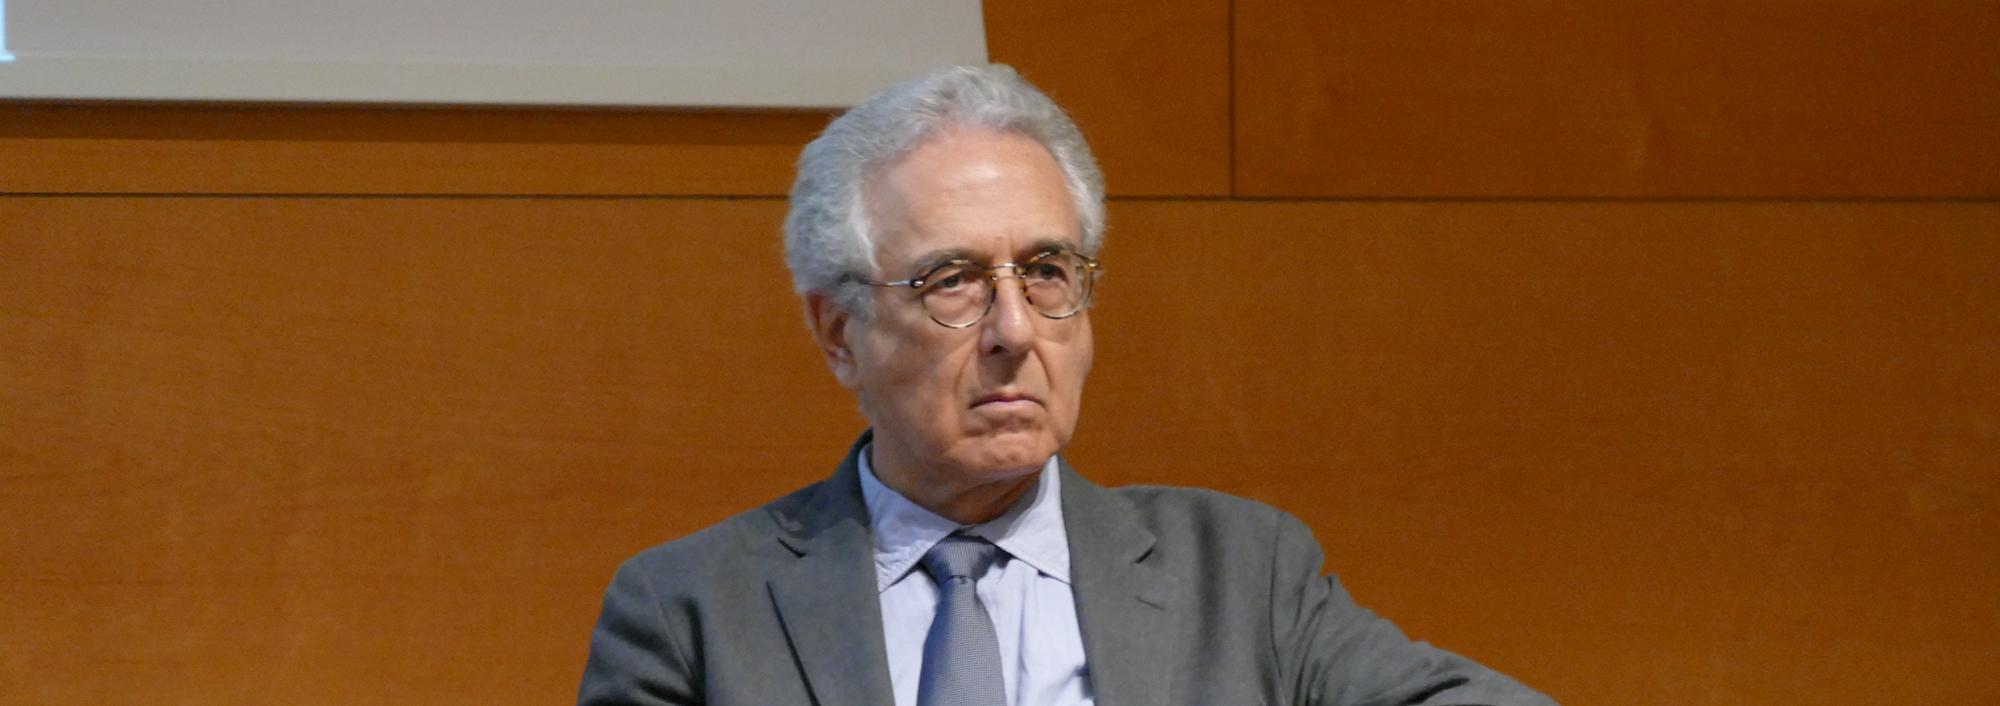 oan Guinovart, investigador de l'Institut de Recerca Biomèdica (IRB) i del CIBERDEM.